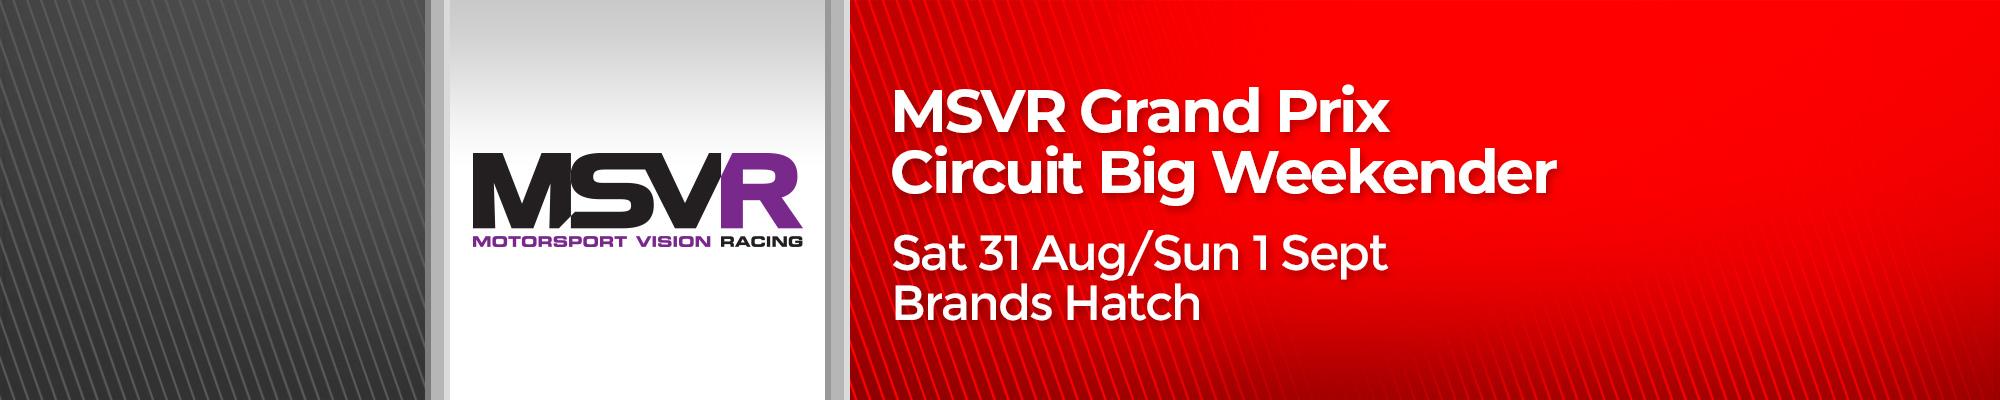 MSVR Grand Prix Circuit Big Weekender